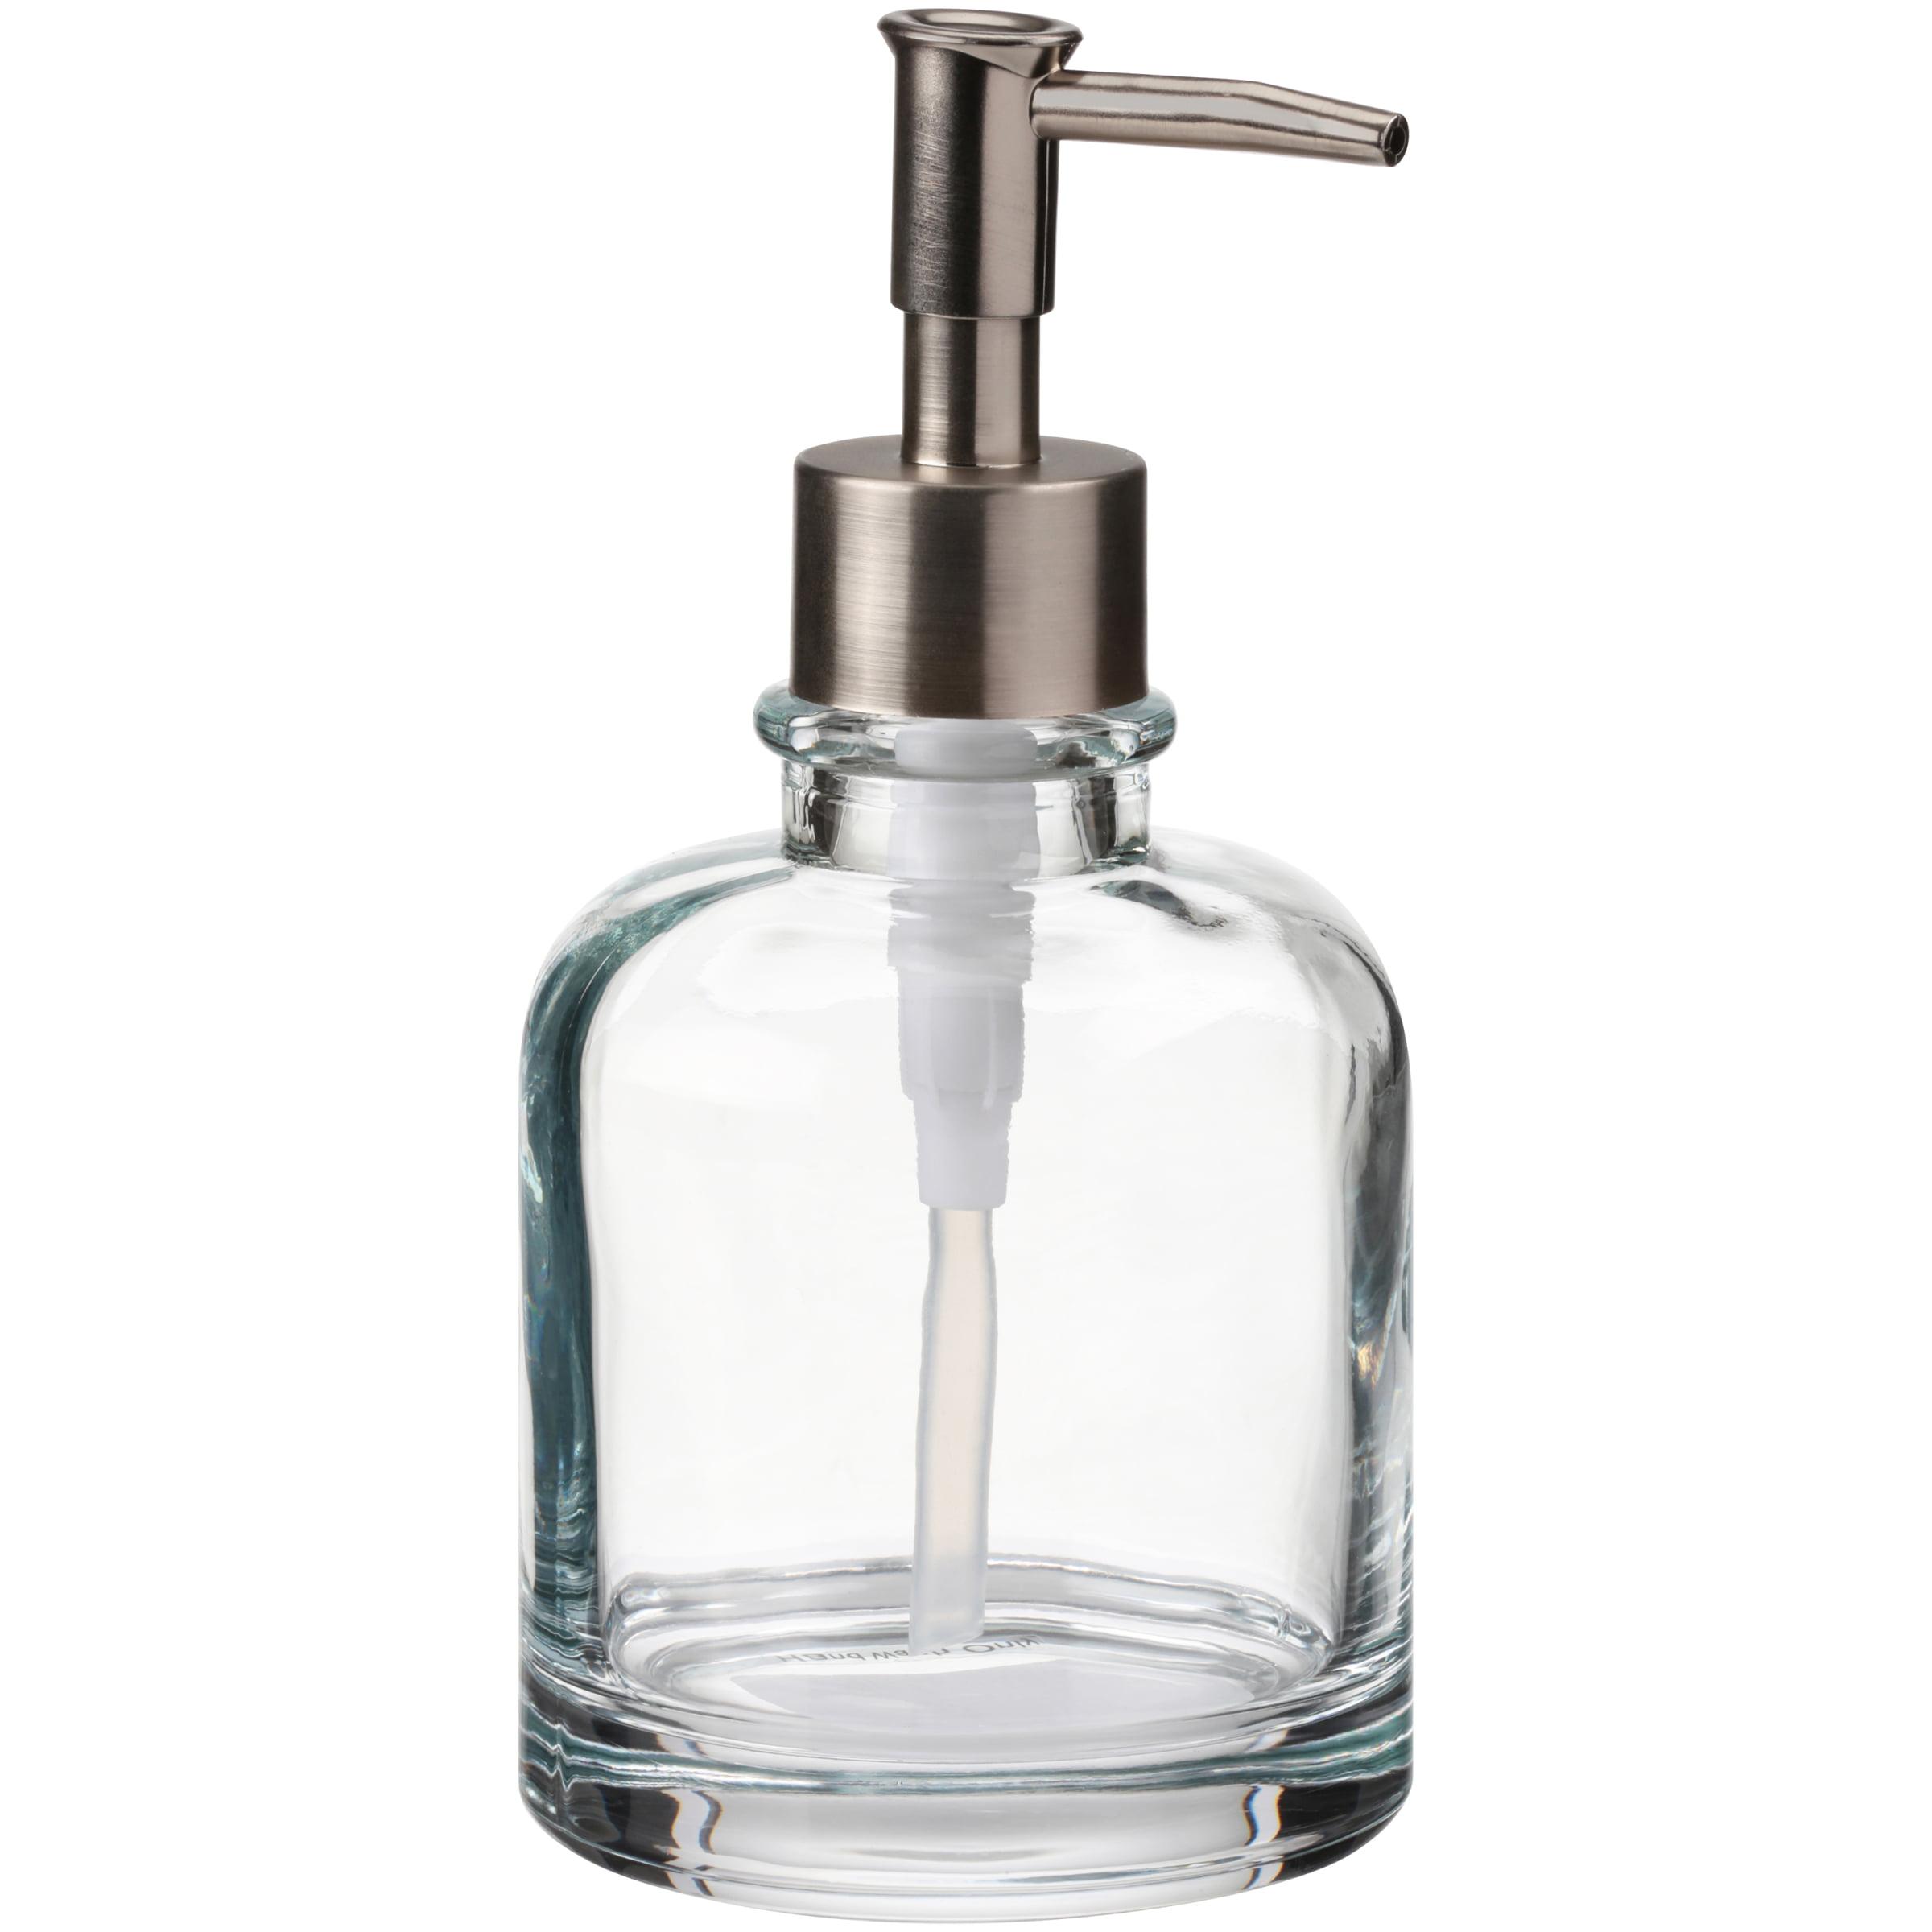 Short Glass Pump Soap Dispenser